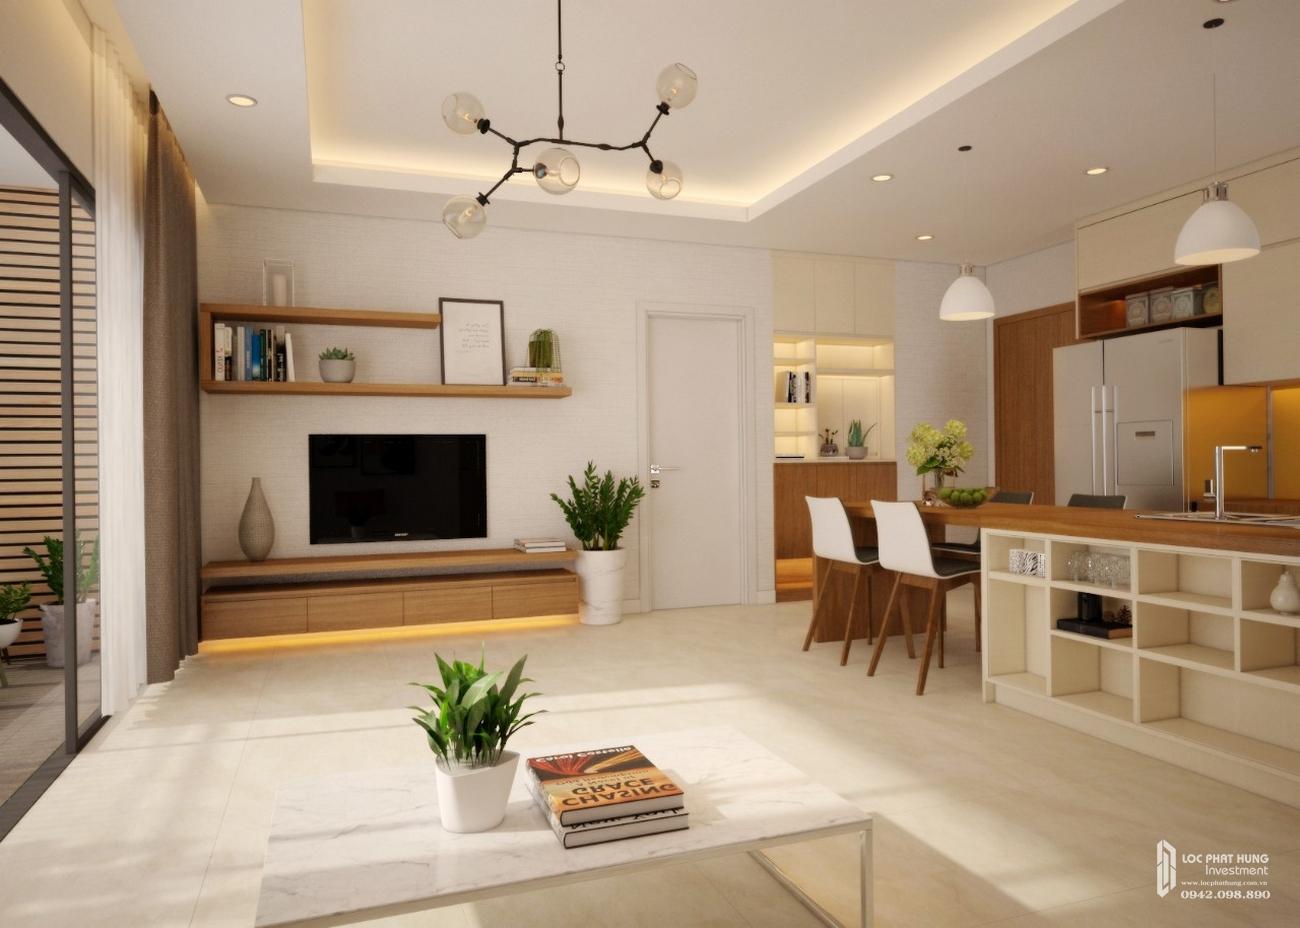 Nhà mẫu dự án nhà phố Marina Square huyện Phú Quốc Đường Bãi Trường, xã Dương Tơ chủ đầu tư BIM Group